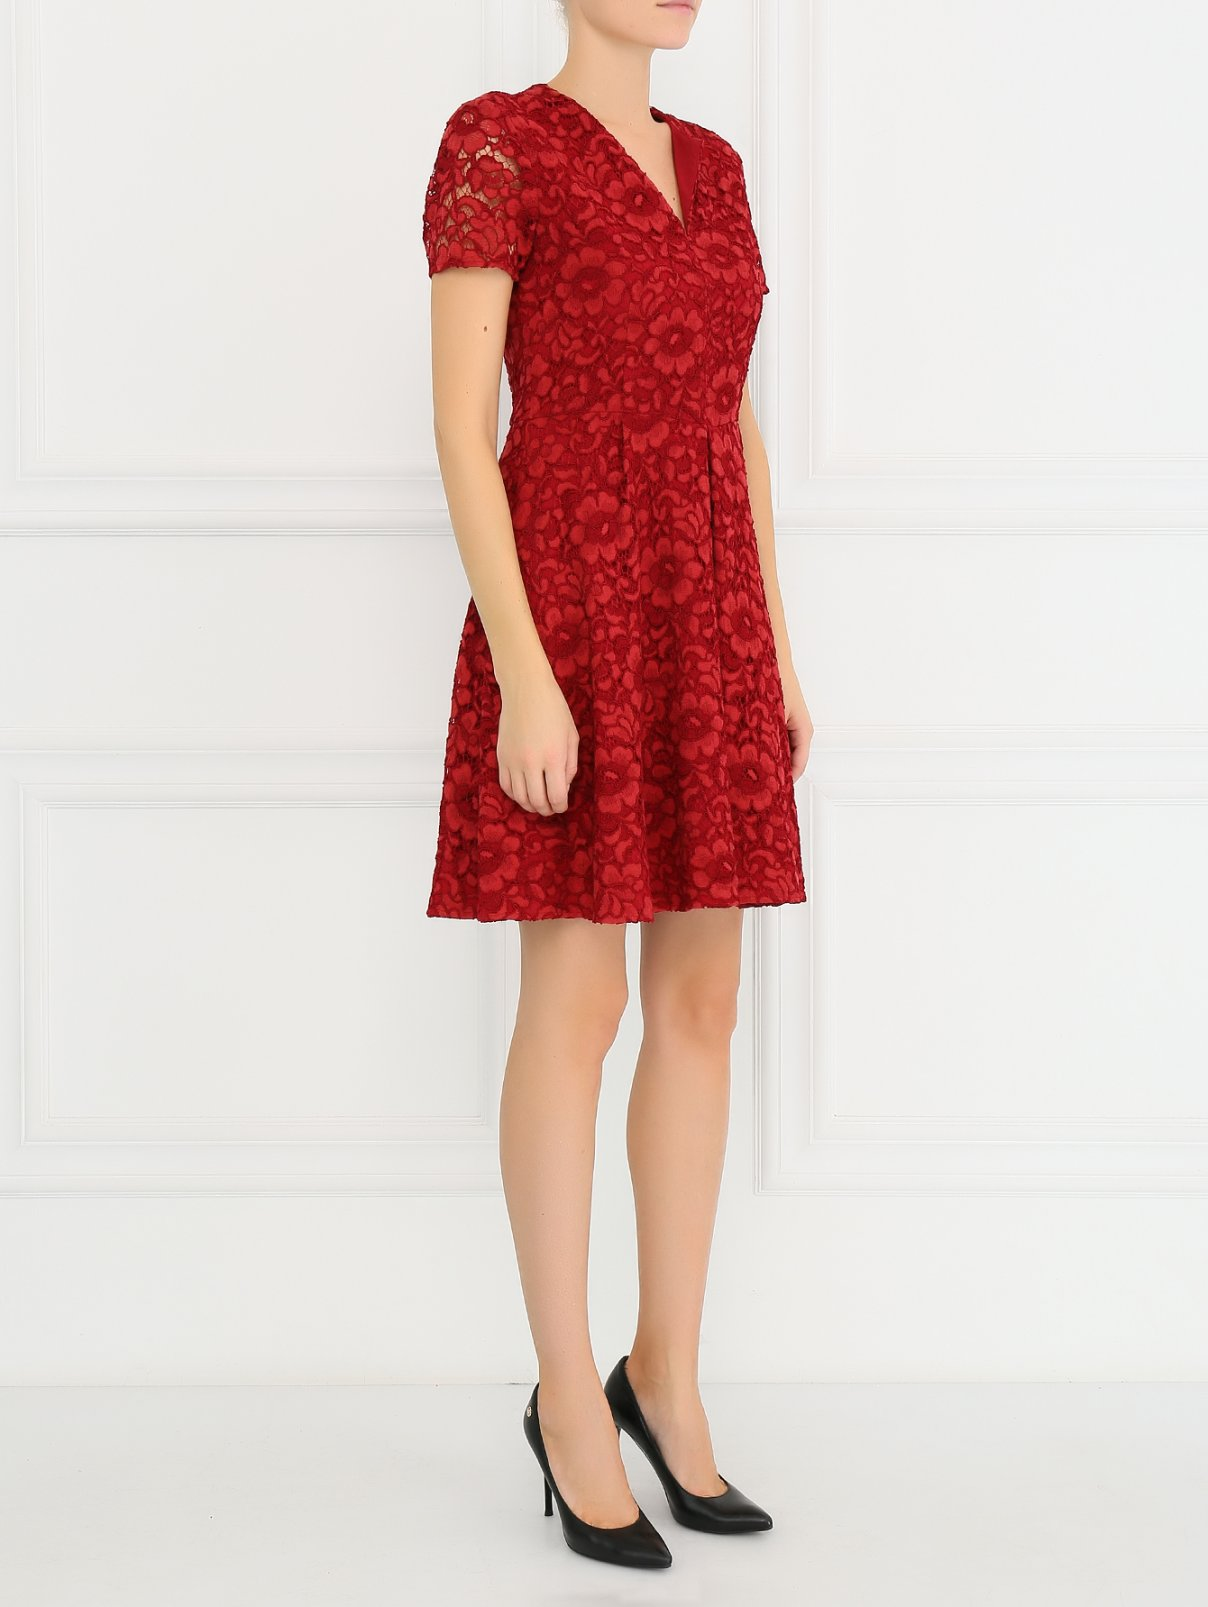 Кружевное платье с короткими рукавами Burberry  –  Модель Общий вид  – Цвет:  Красный